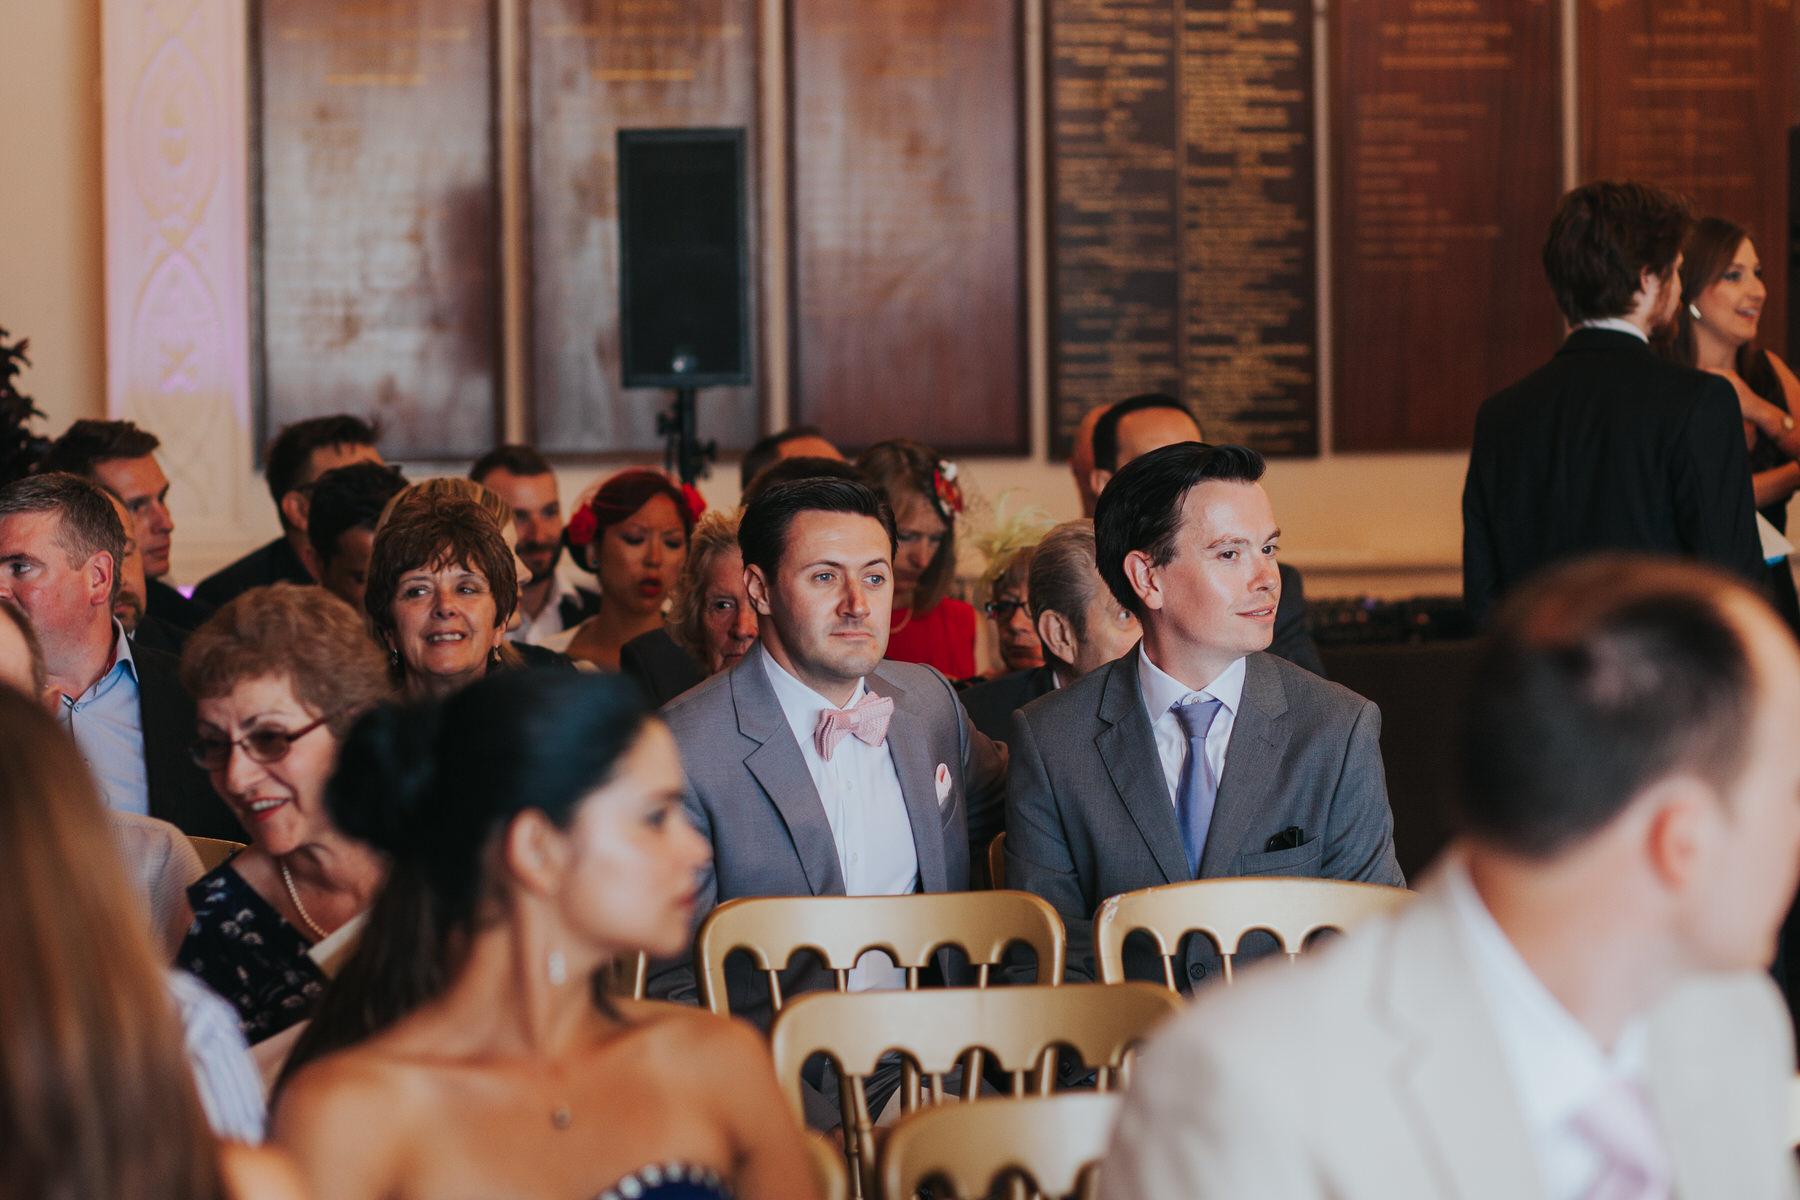 stylish guests Trafalgar tavern greenwich wedding photographer .jpg